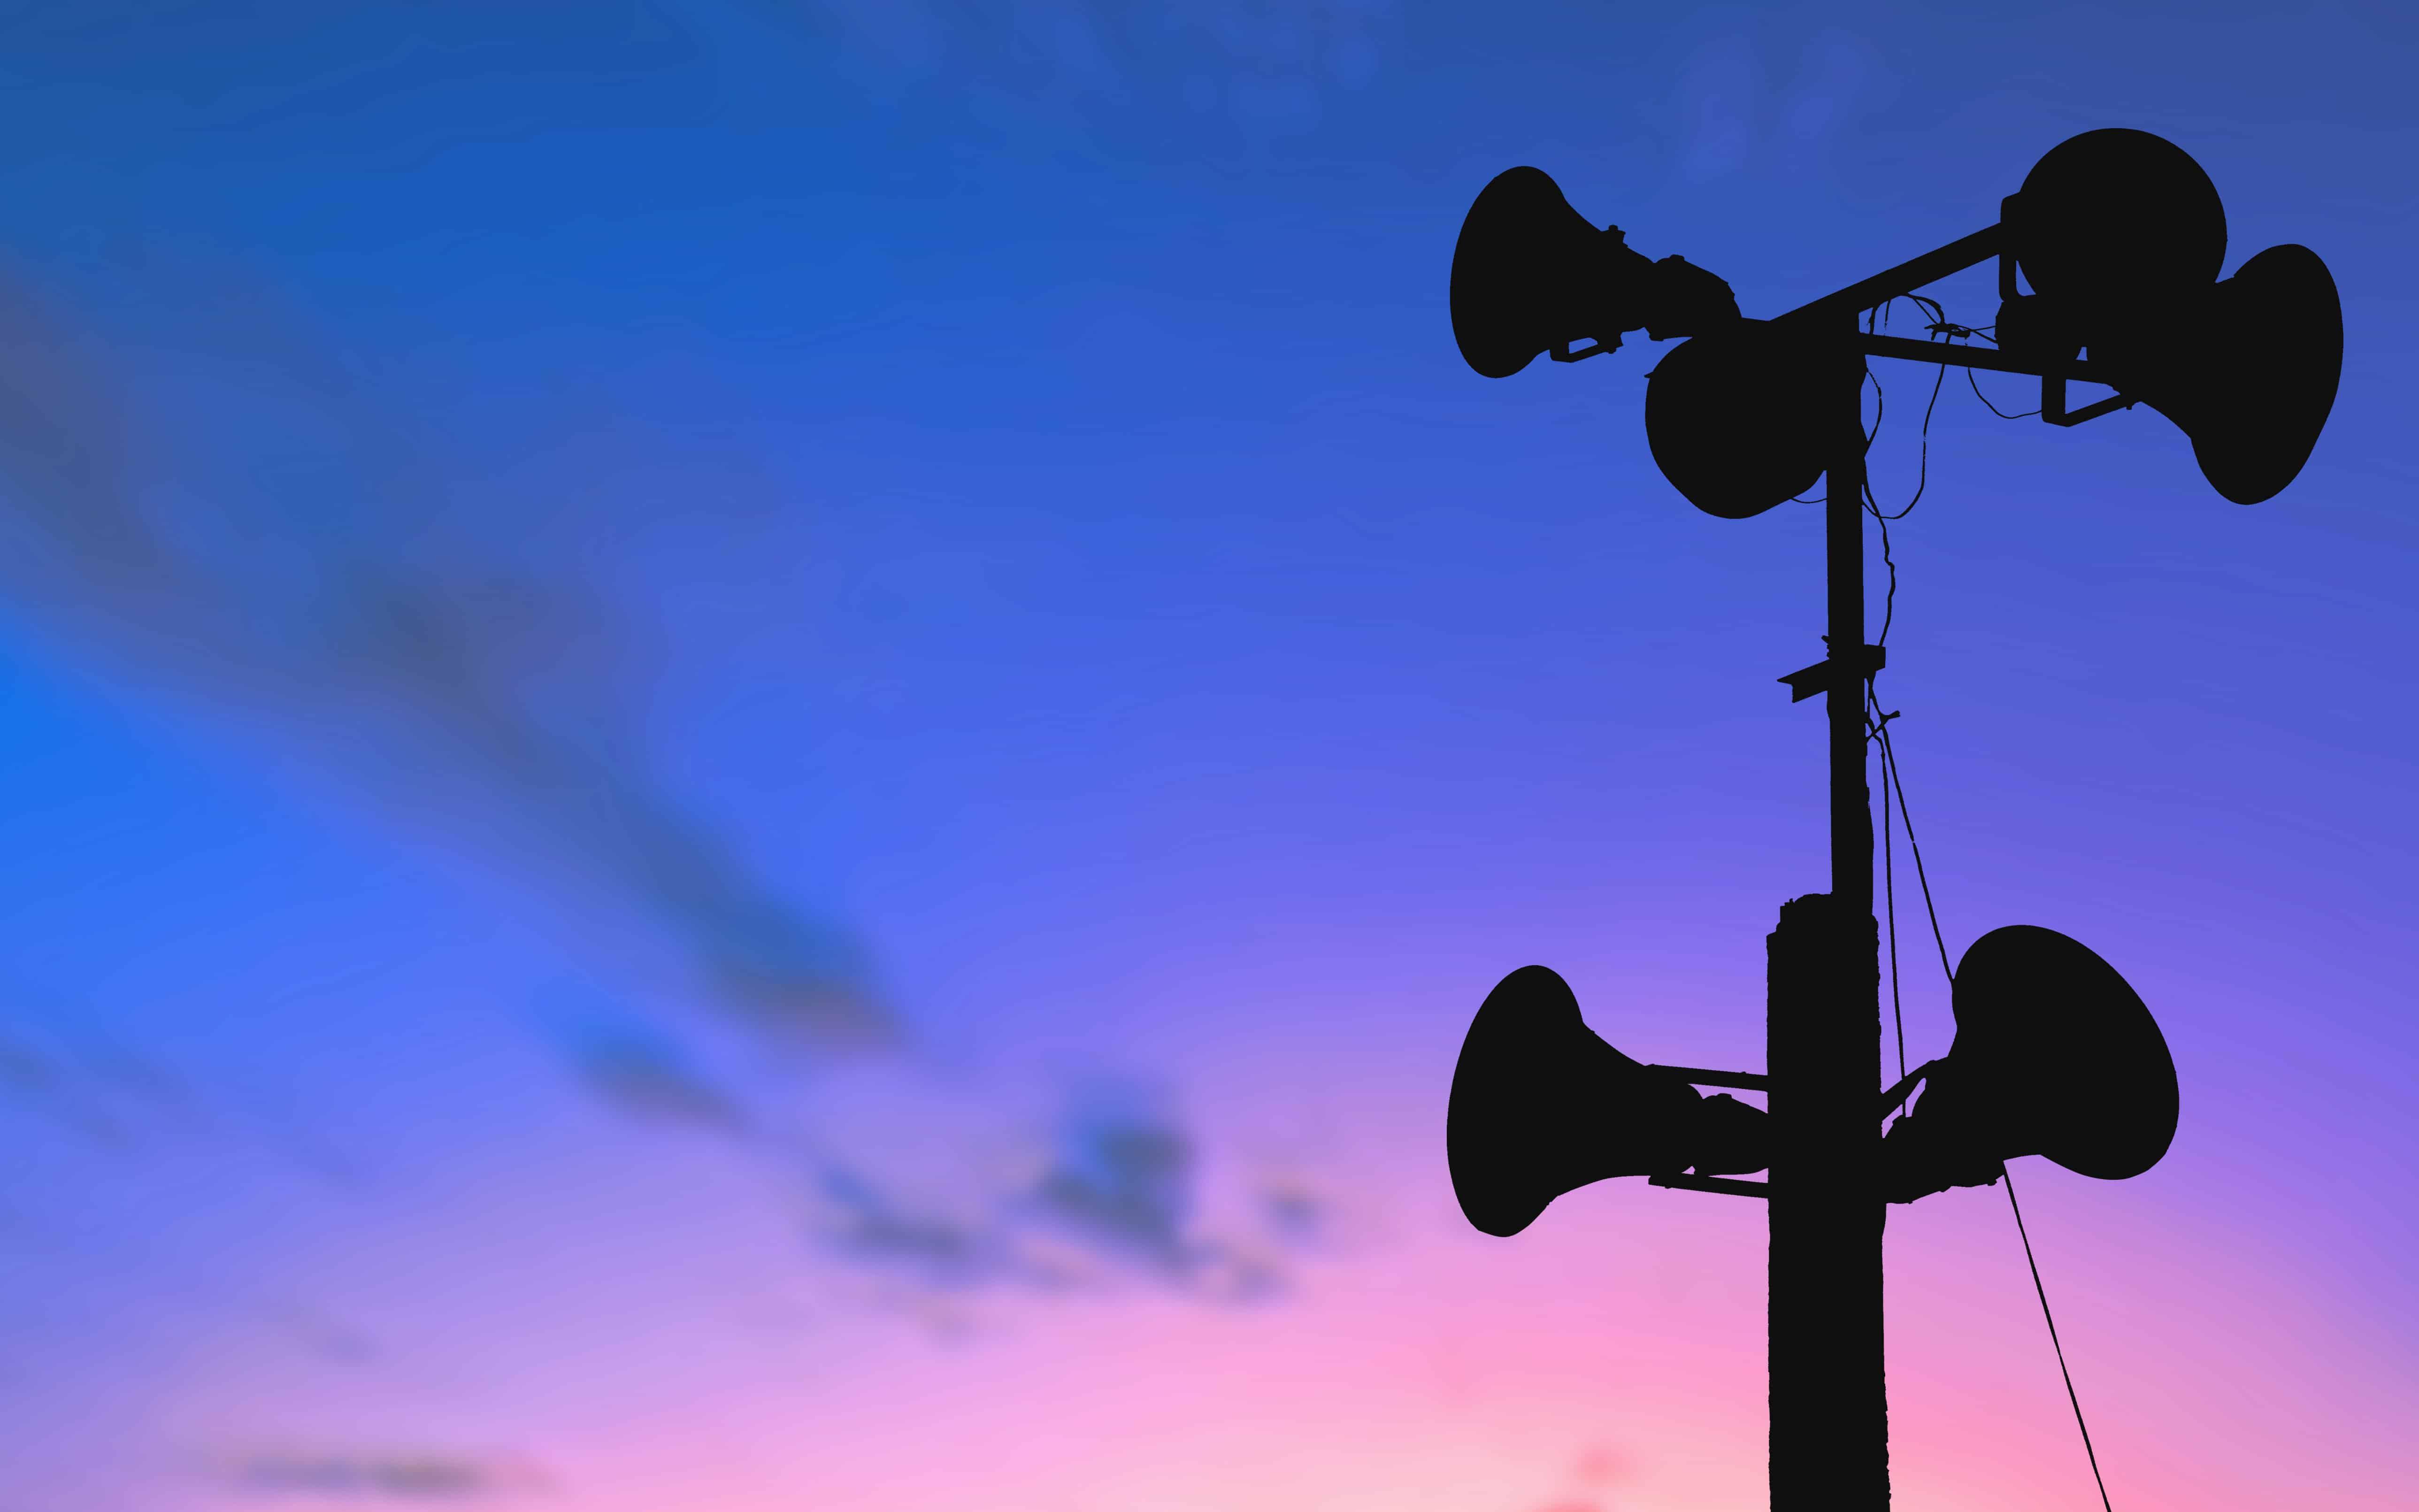 Outdoor storm warning siren testing begins